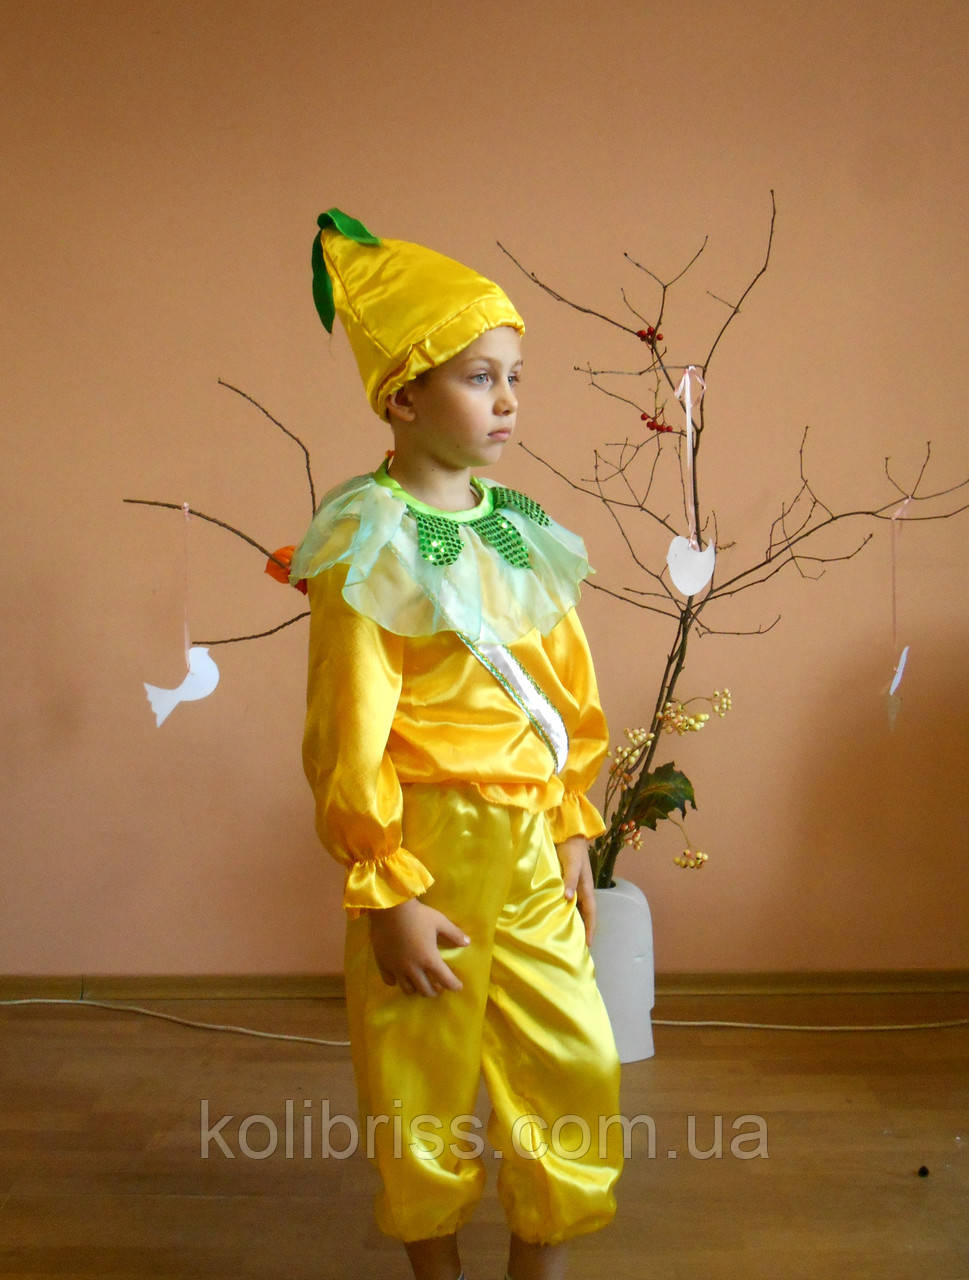 Костюм сеньор лимон, лимончик мальчик, костюм лимона прокат киев